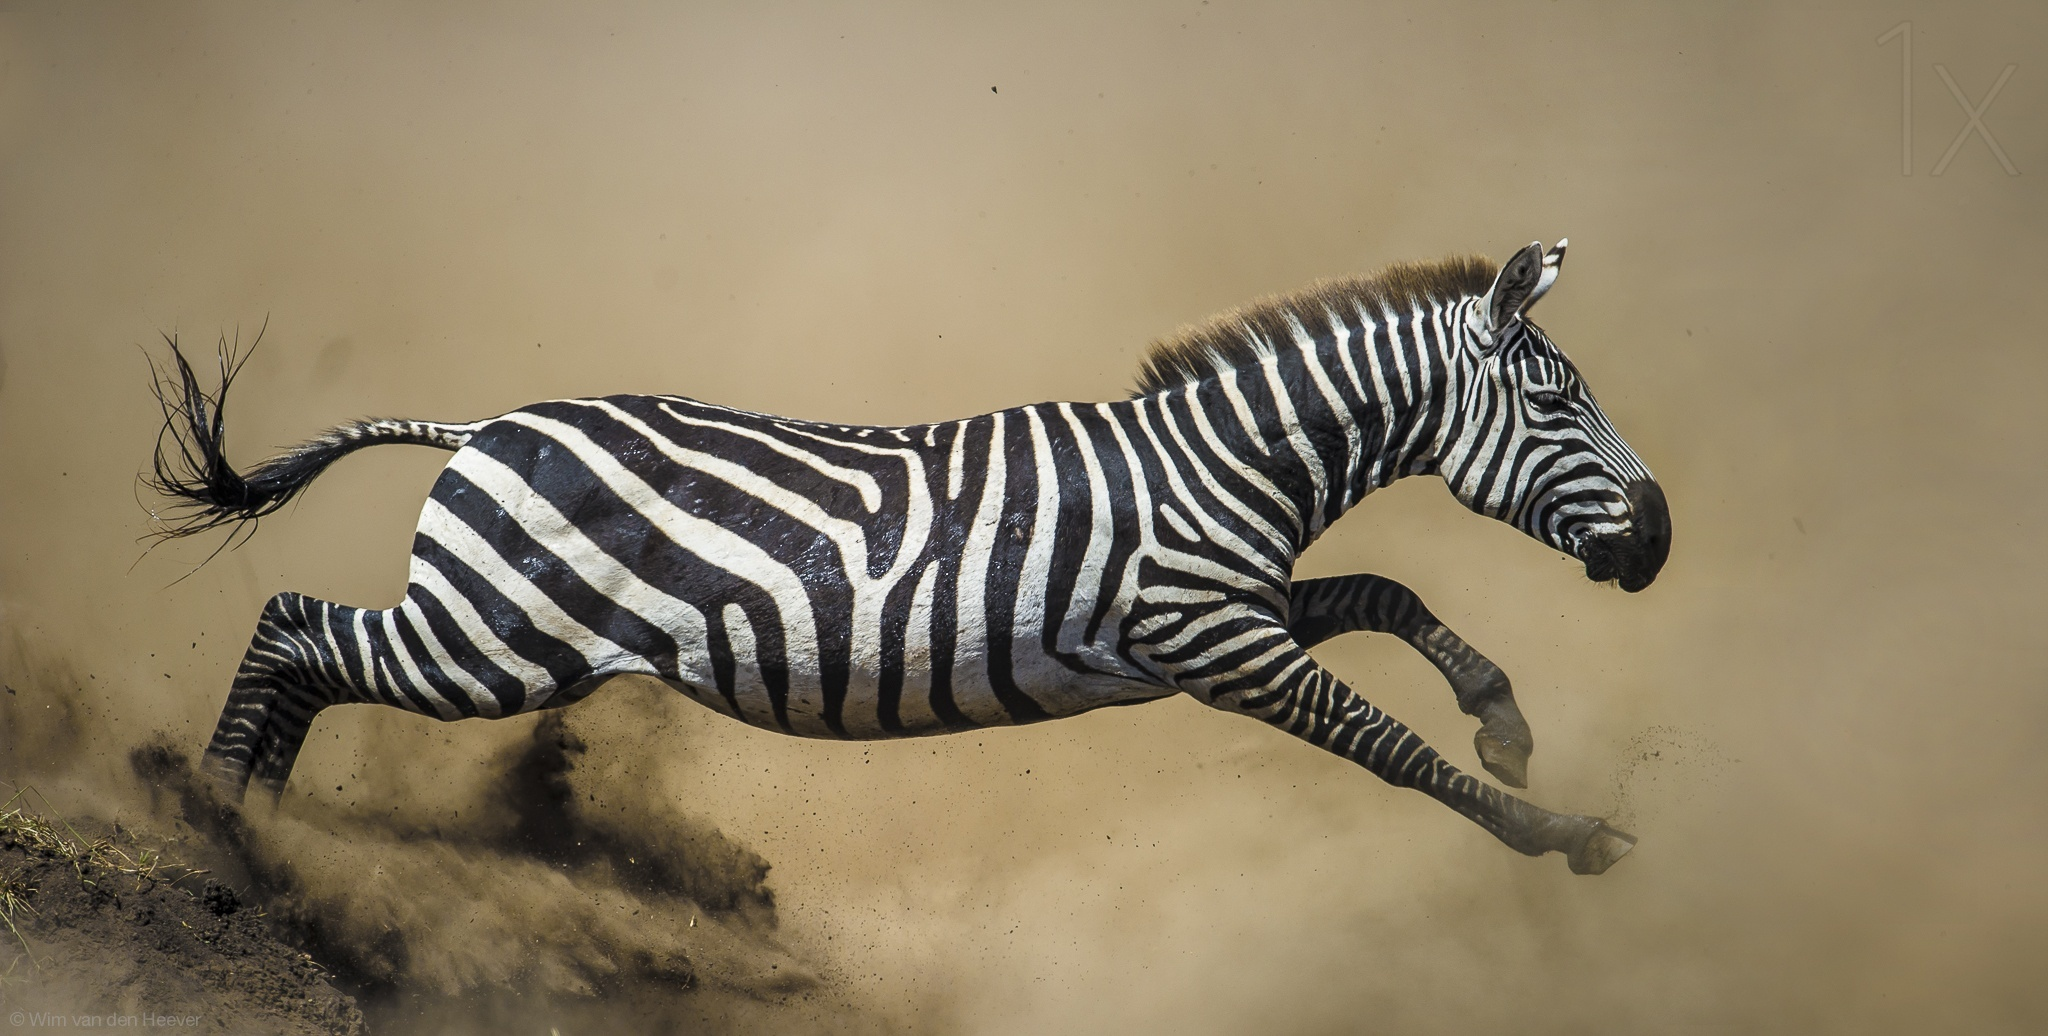 奔跑的犀牛,洗澡的猴子 野生动物照片集